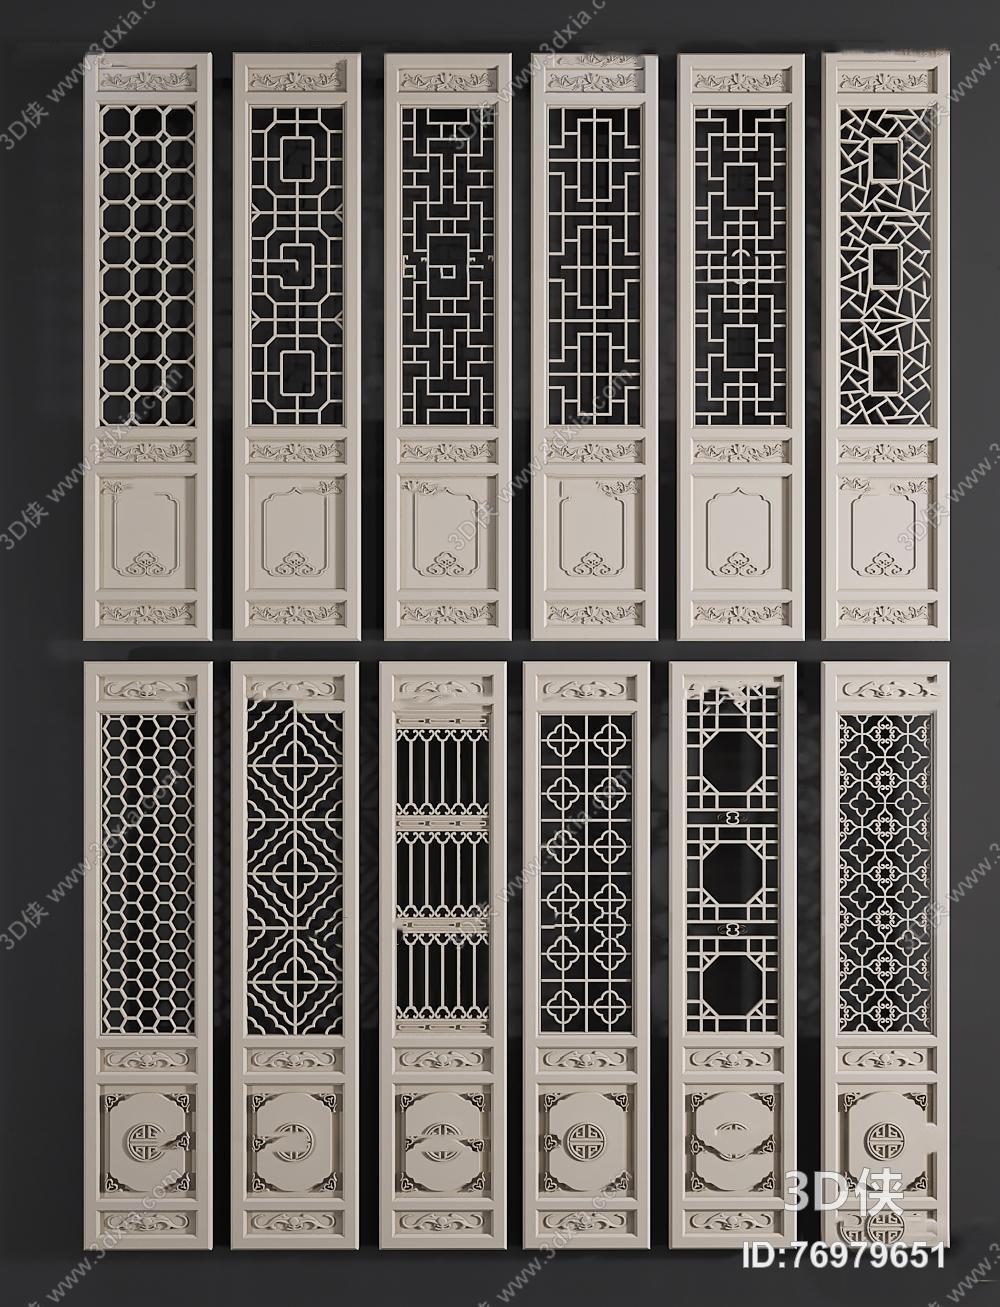 门窗户效果图素材免费下载,本作品主题是中式实木花格门窗组合3d模型